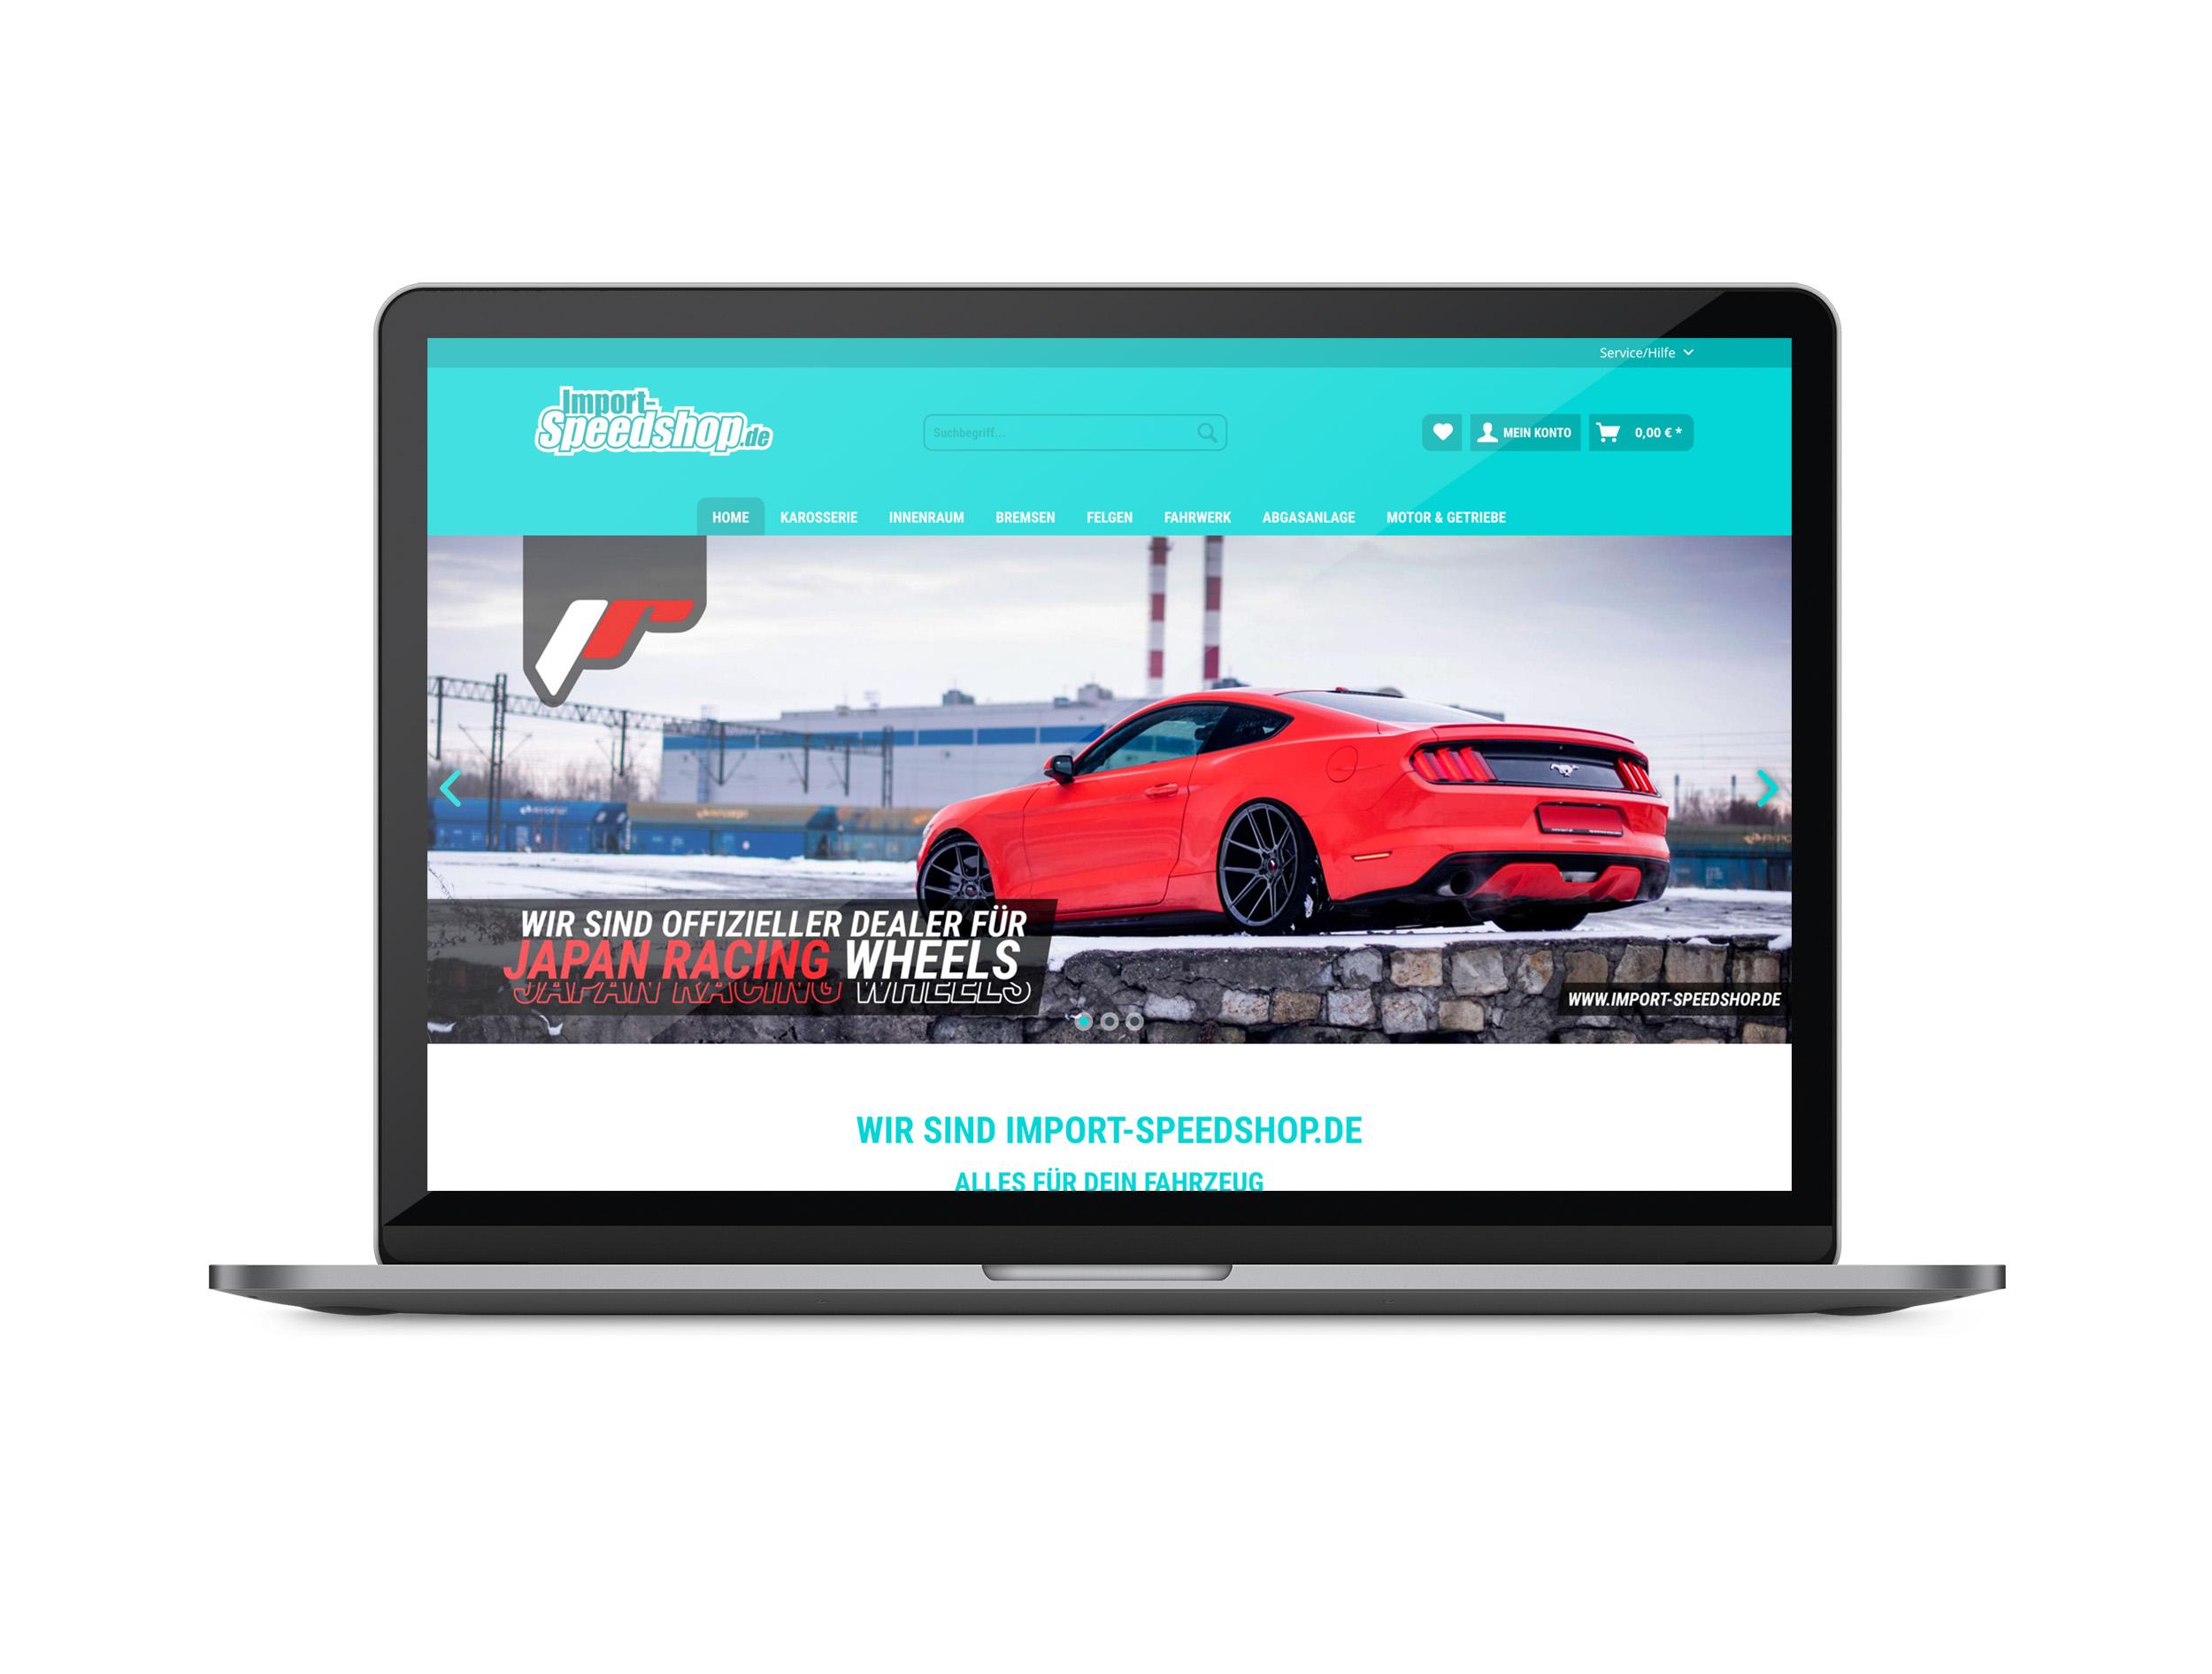 Neuer Onlineshop für Import-Speedshop.de